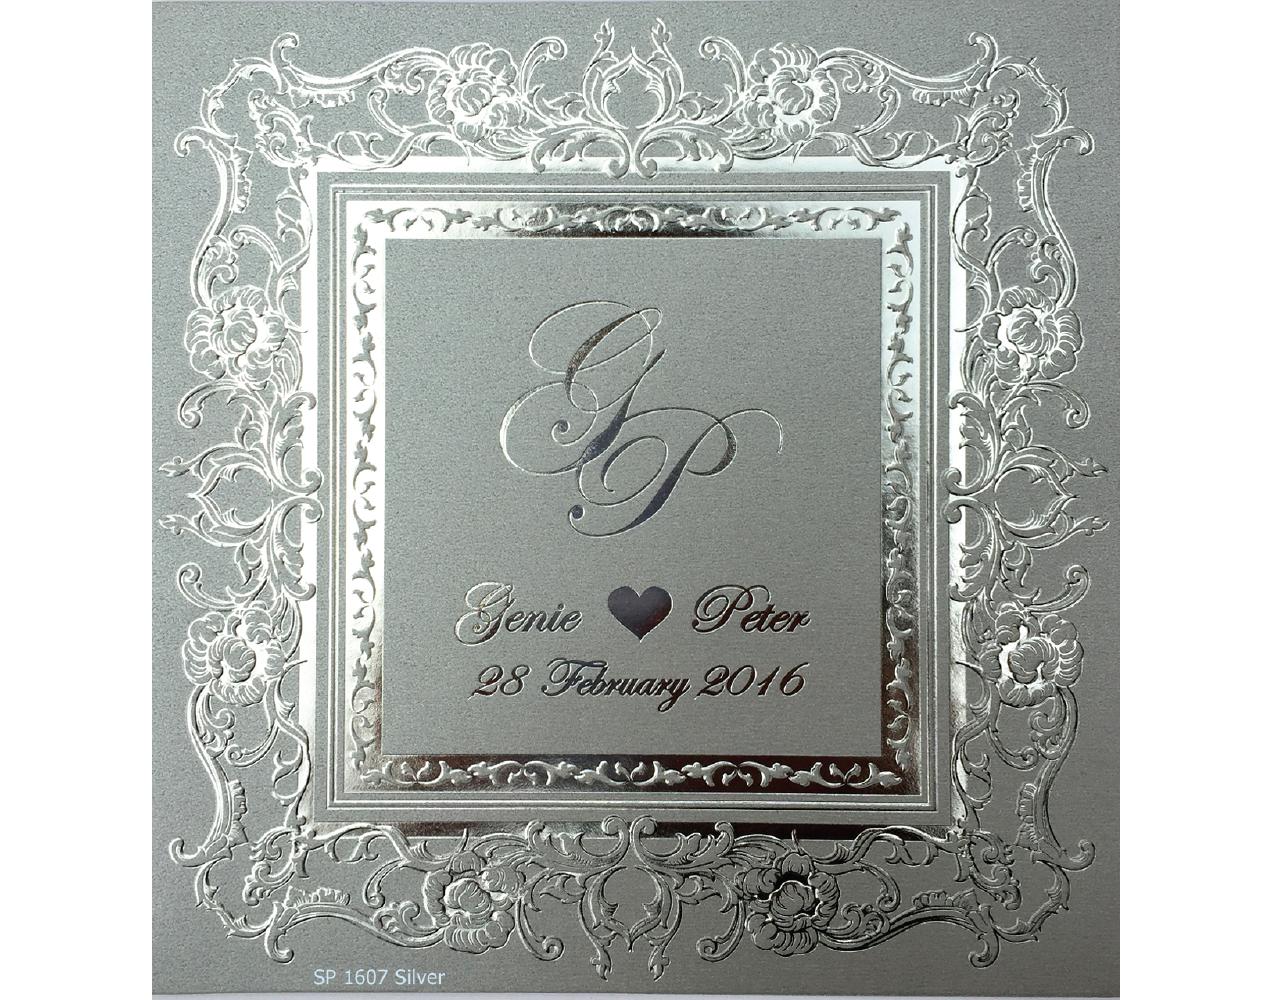 การ์ดแต่งงาน การ์ดเชิญ สีเงิน 2 พับ พิมพ์เงิน By Grace Greeting wedding card 6.5x7 inch SP 1607 Silver